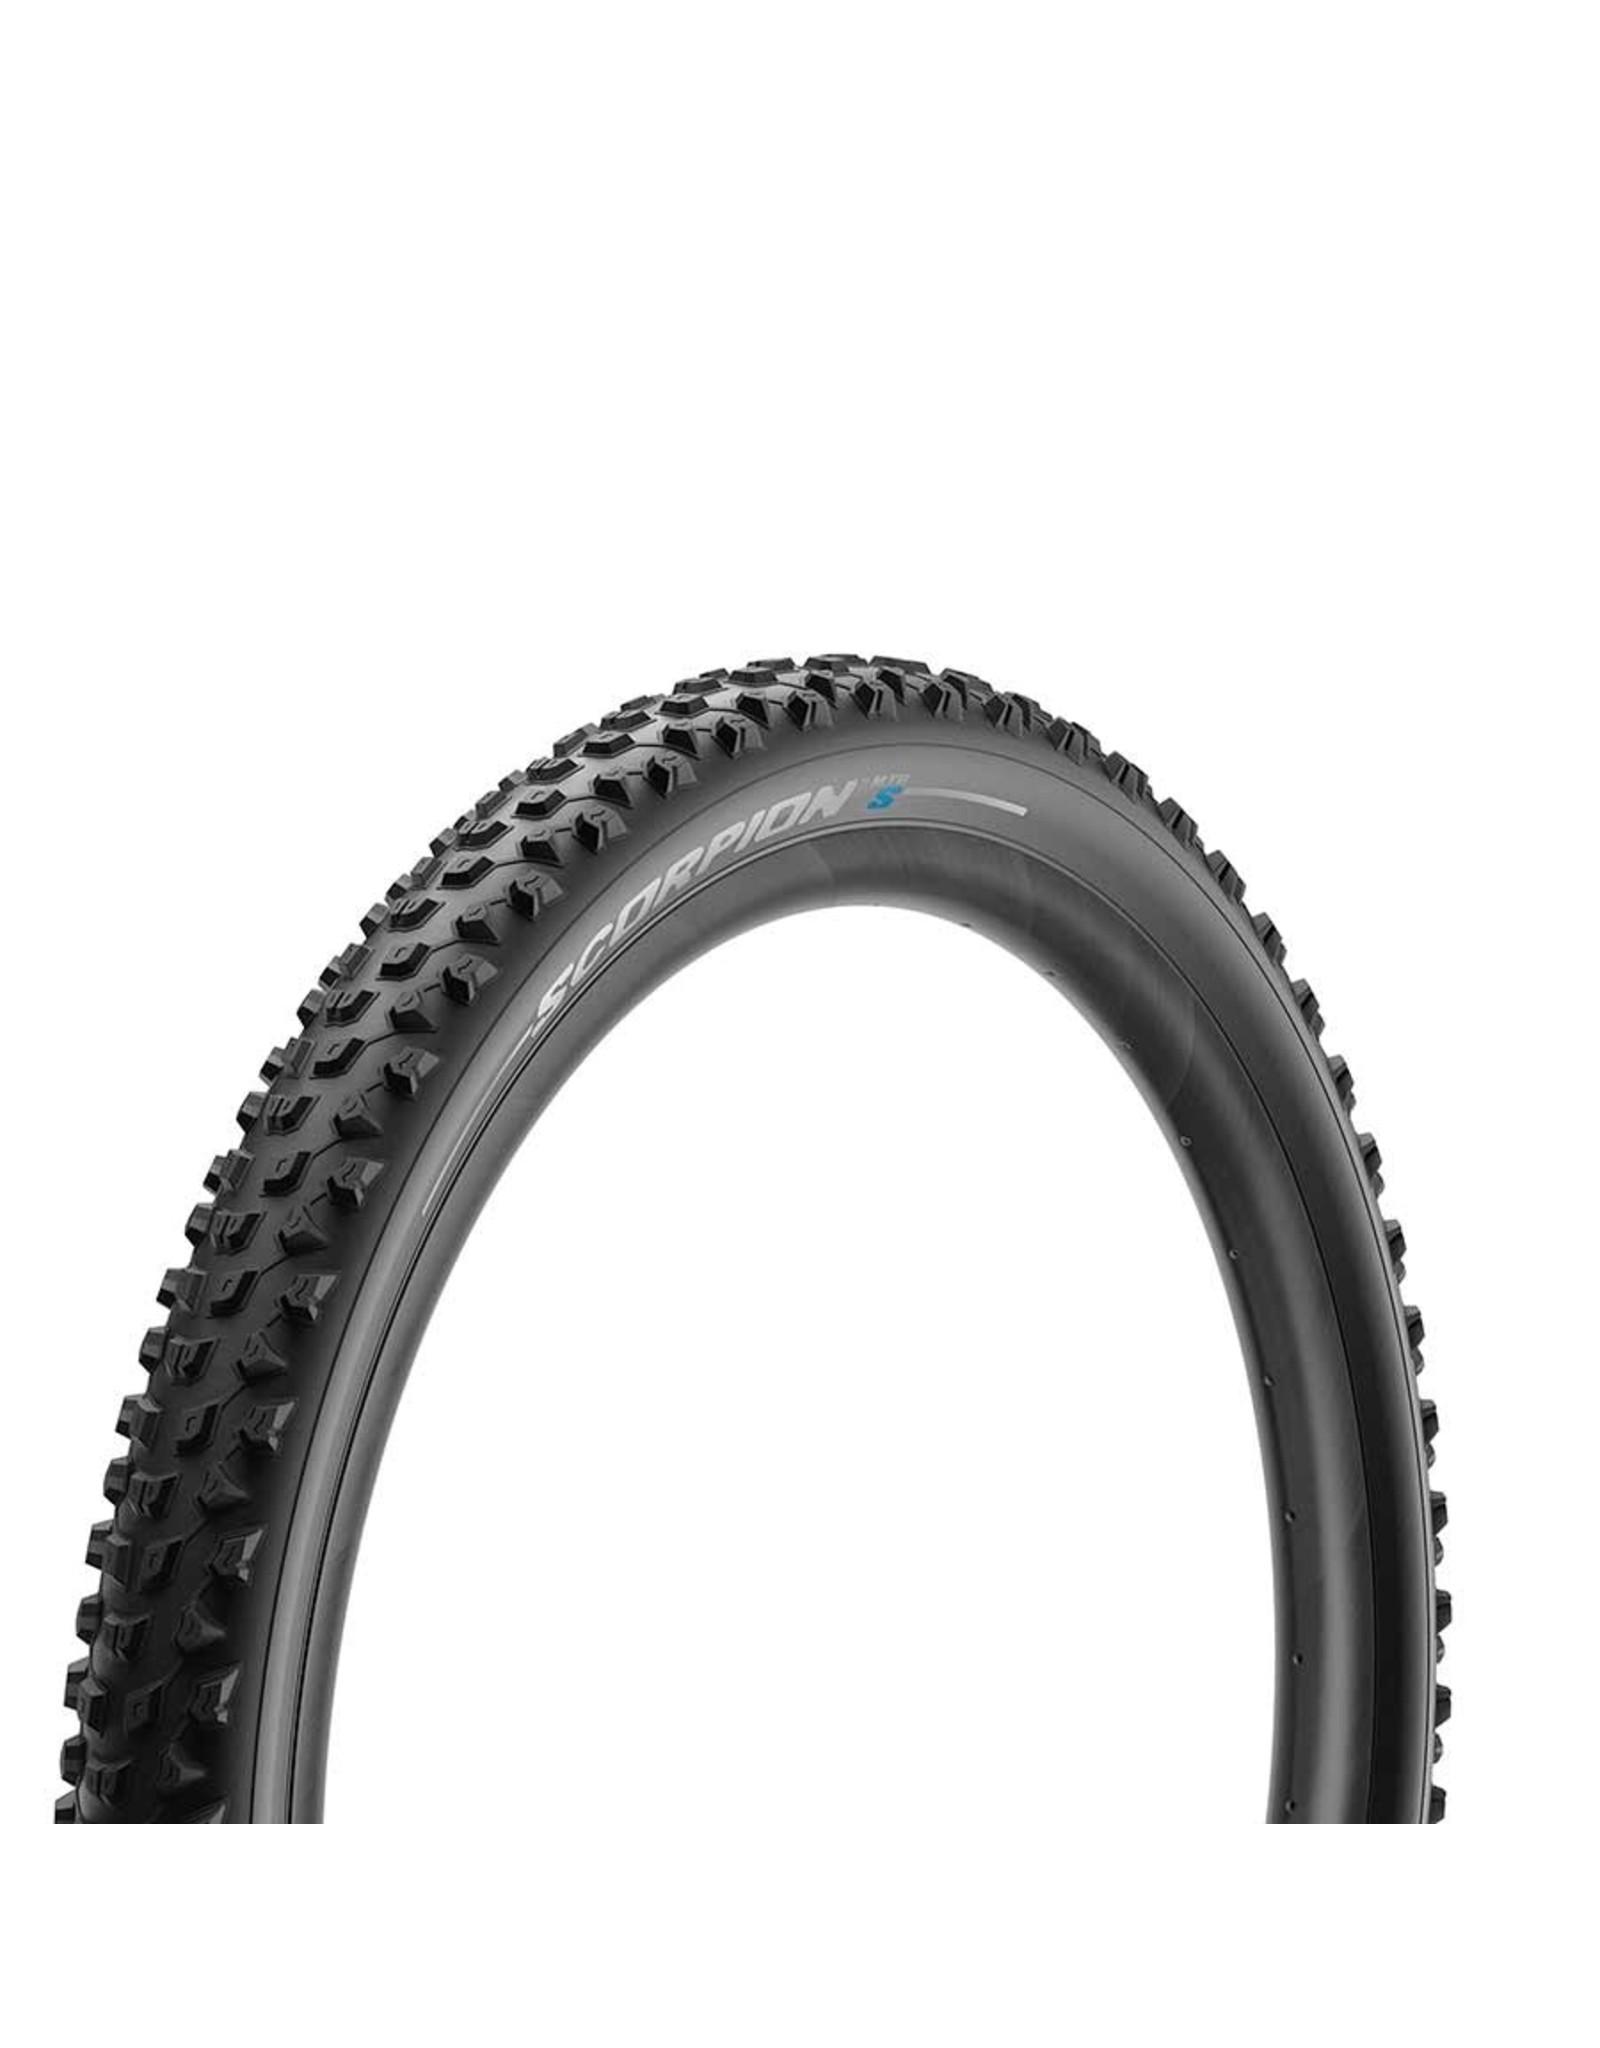 Pirelli, Scorpion MTB S, Tire, 29''x2.40, Folding, Tubeless Ready, Smartgrip, 60TPI, Black